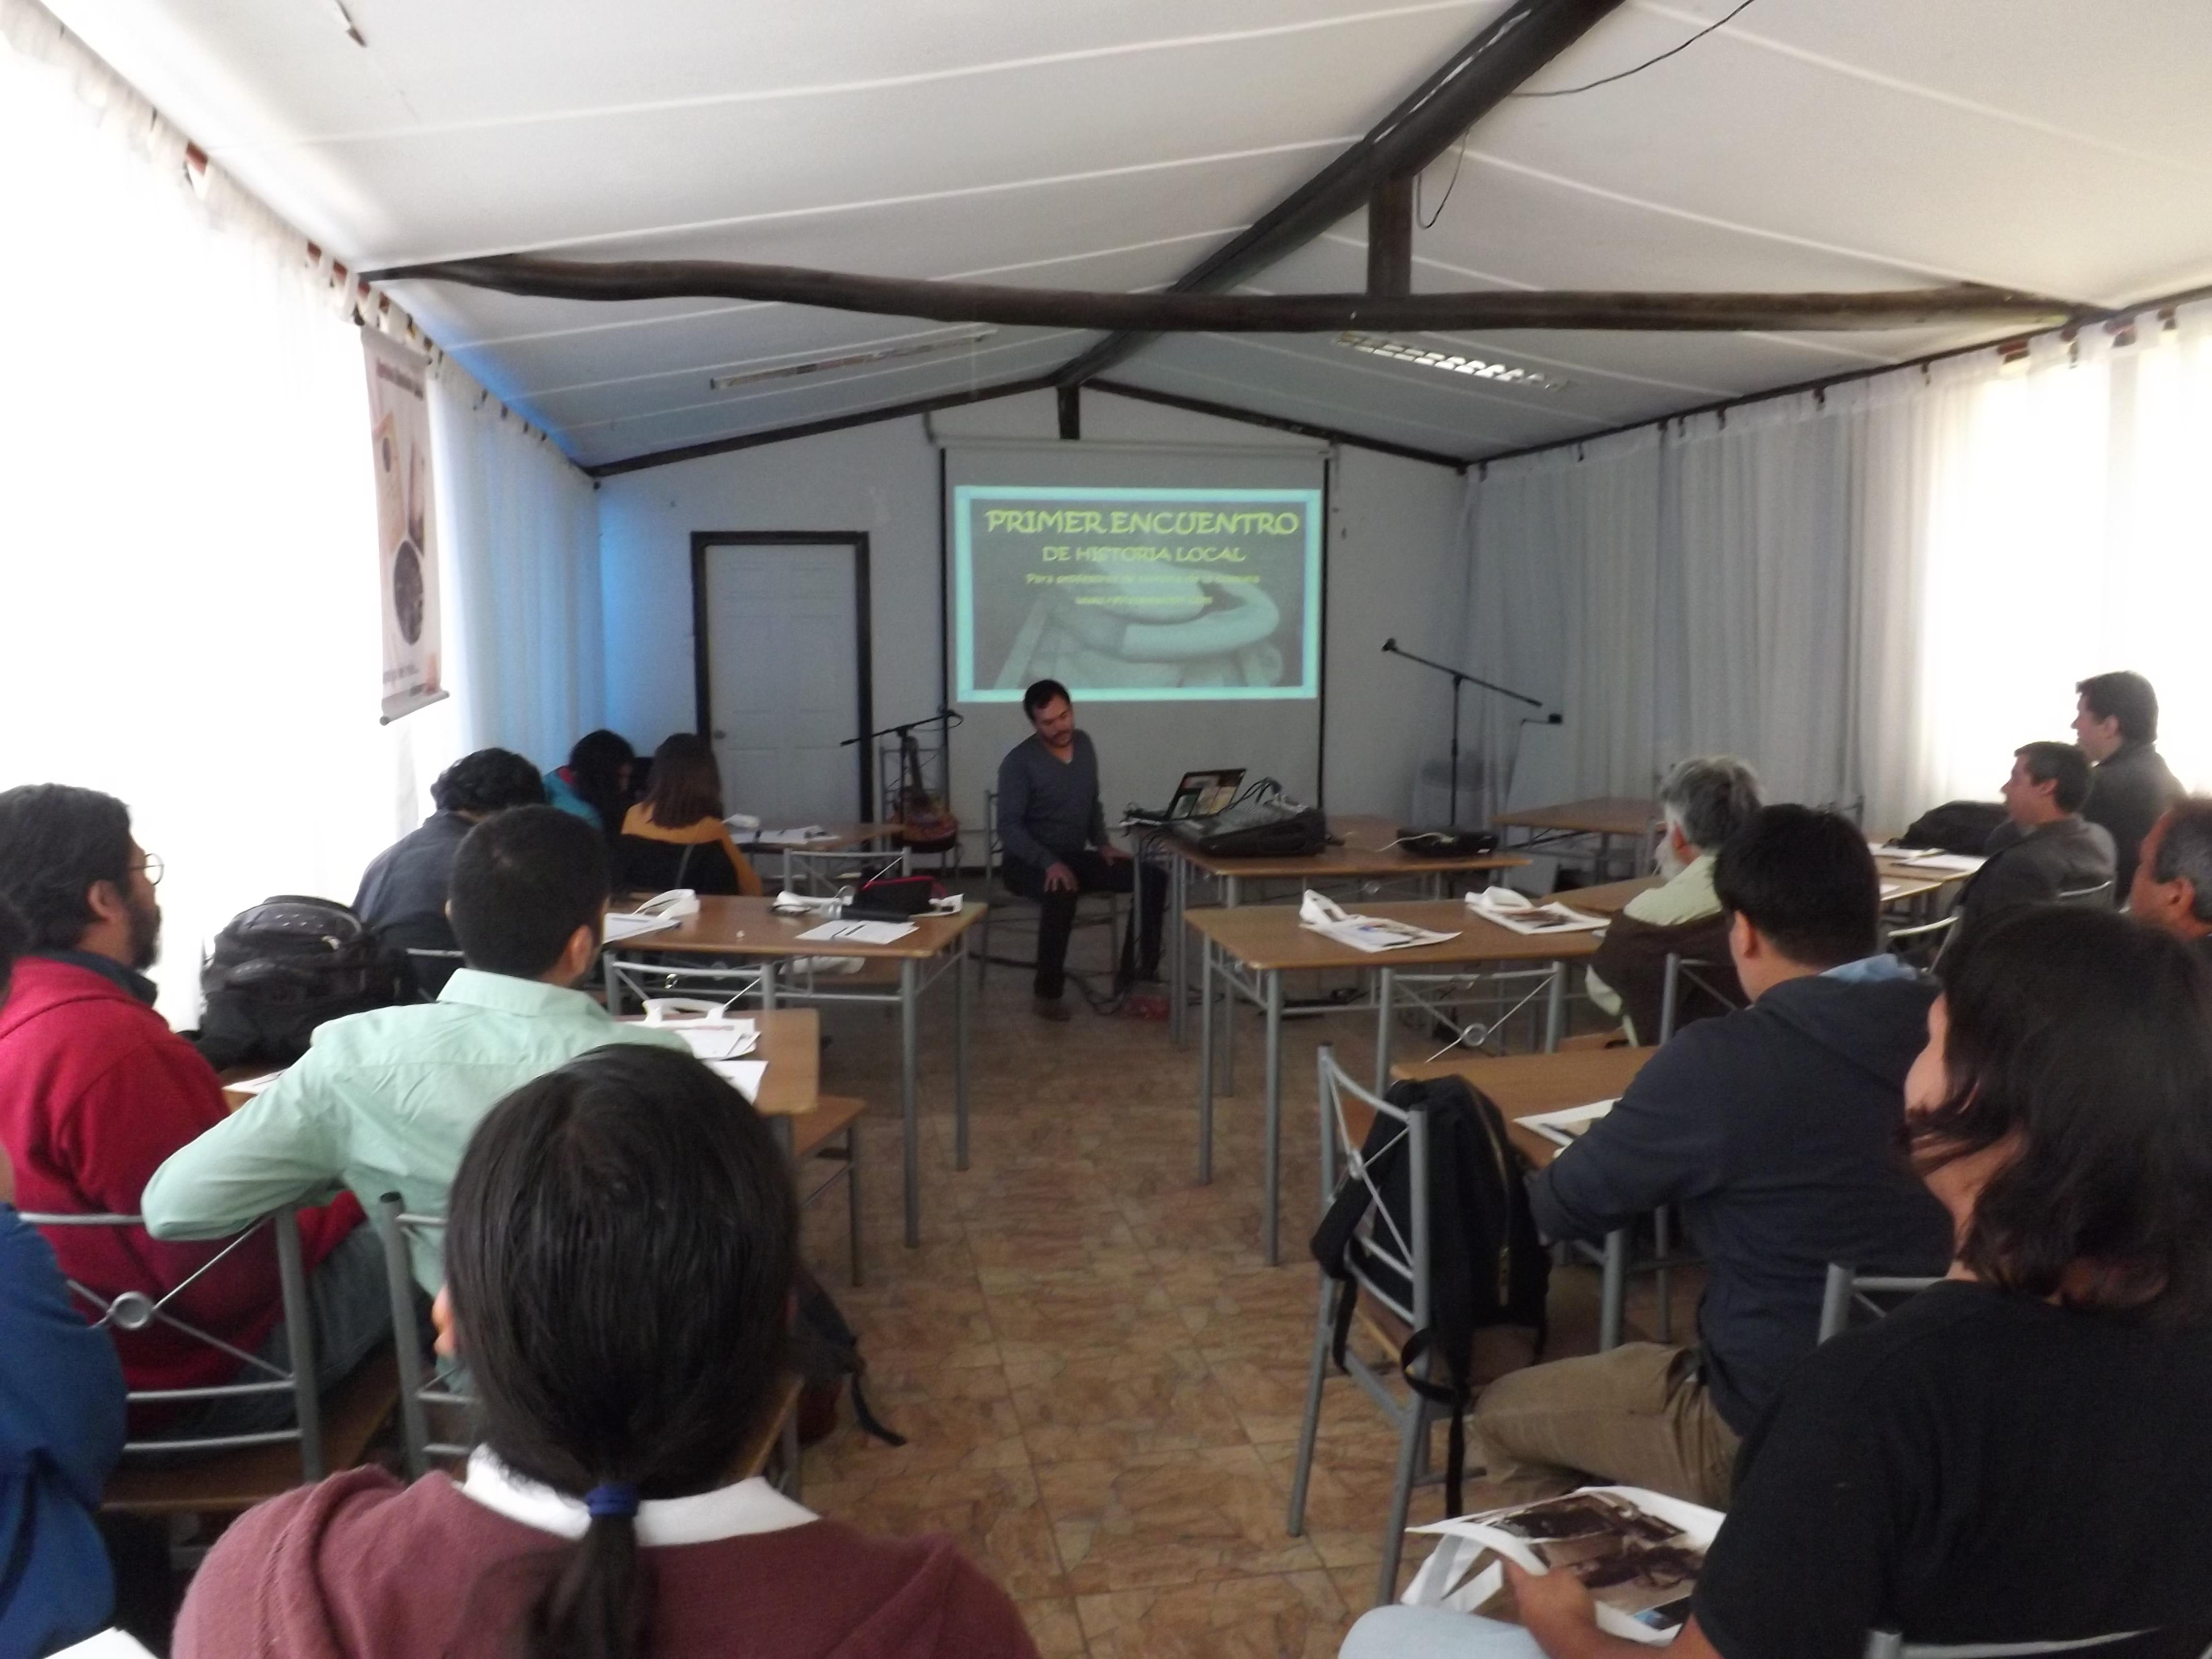 Realizan primer Encuentro de Historia Local en Vallenar